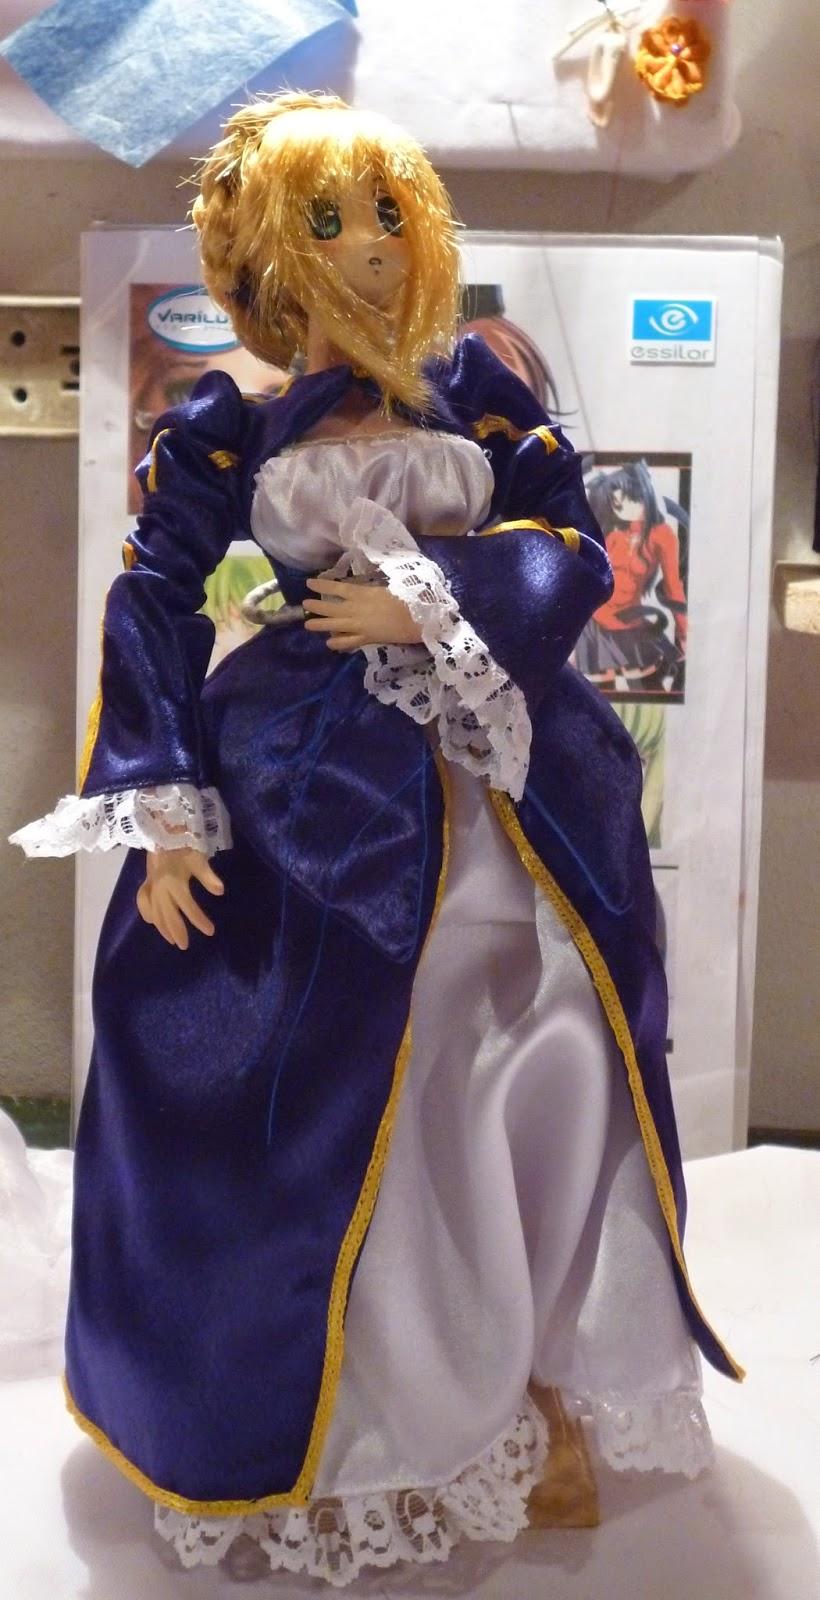 muñecas articuladas artesanales de porcelana personalizadas bjd argentina